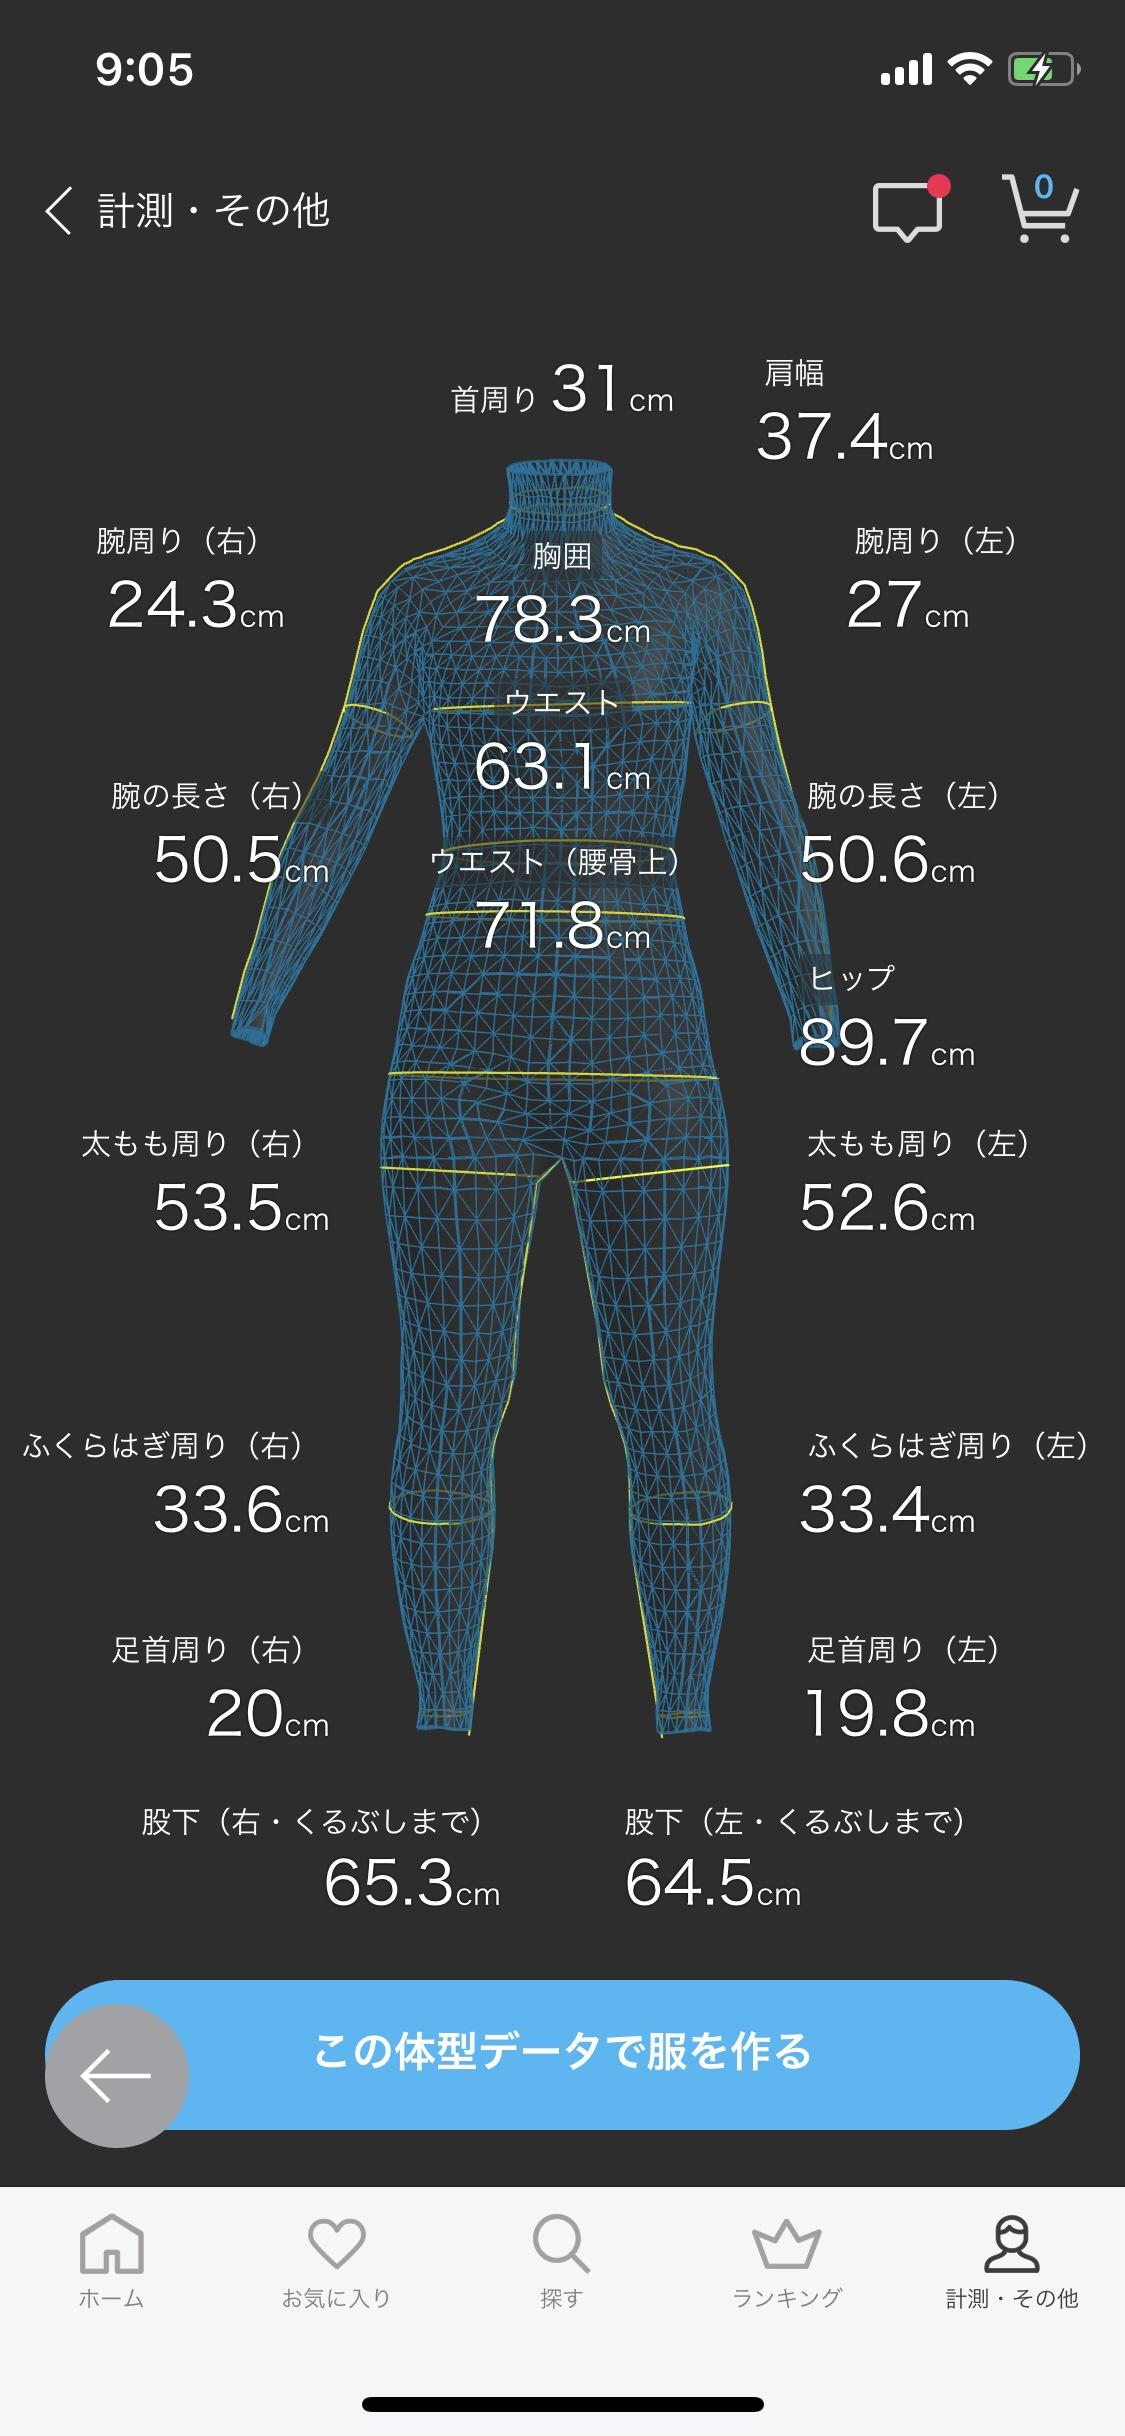 話題のZOZOスーツで体型を計測、ババァの現実を突きつけられる